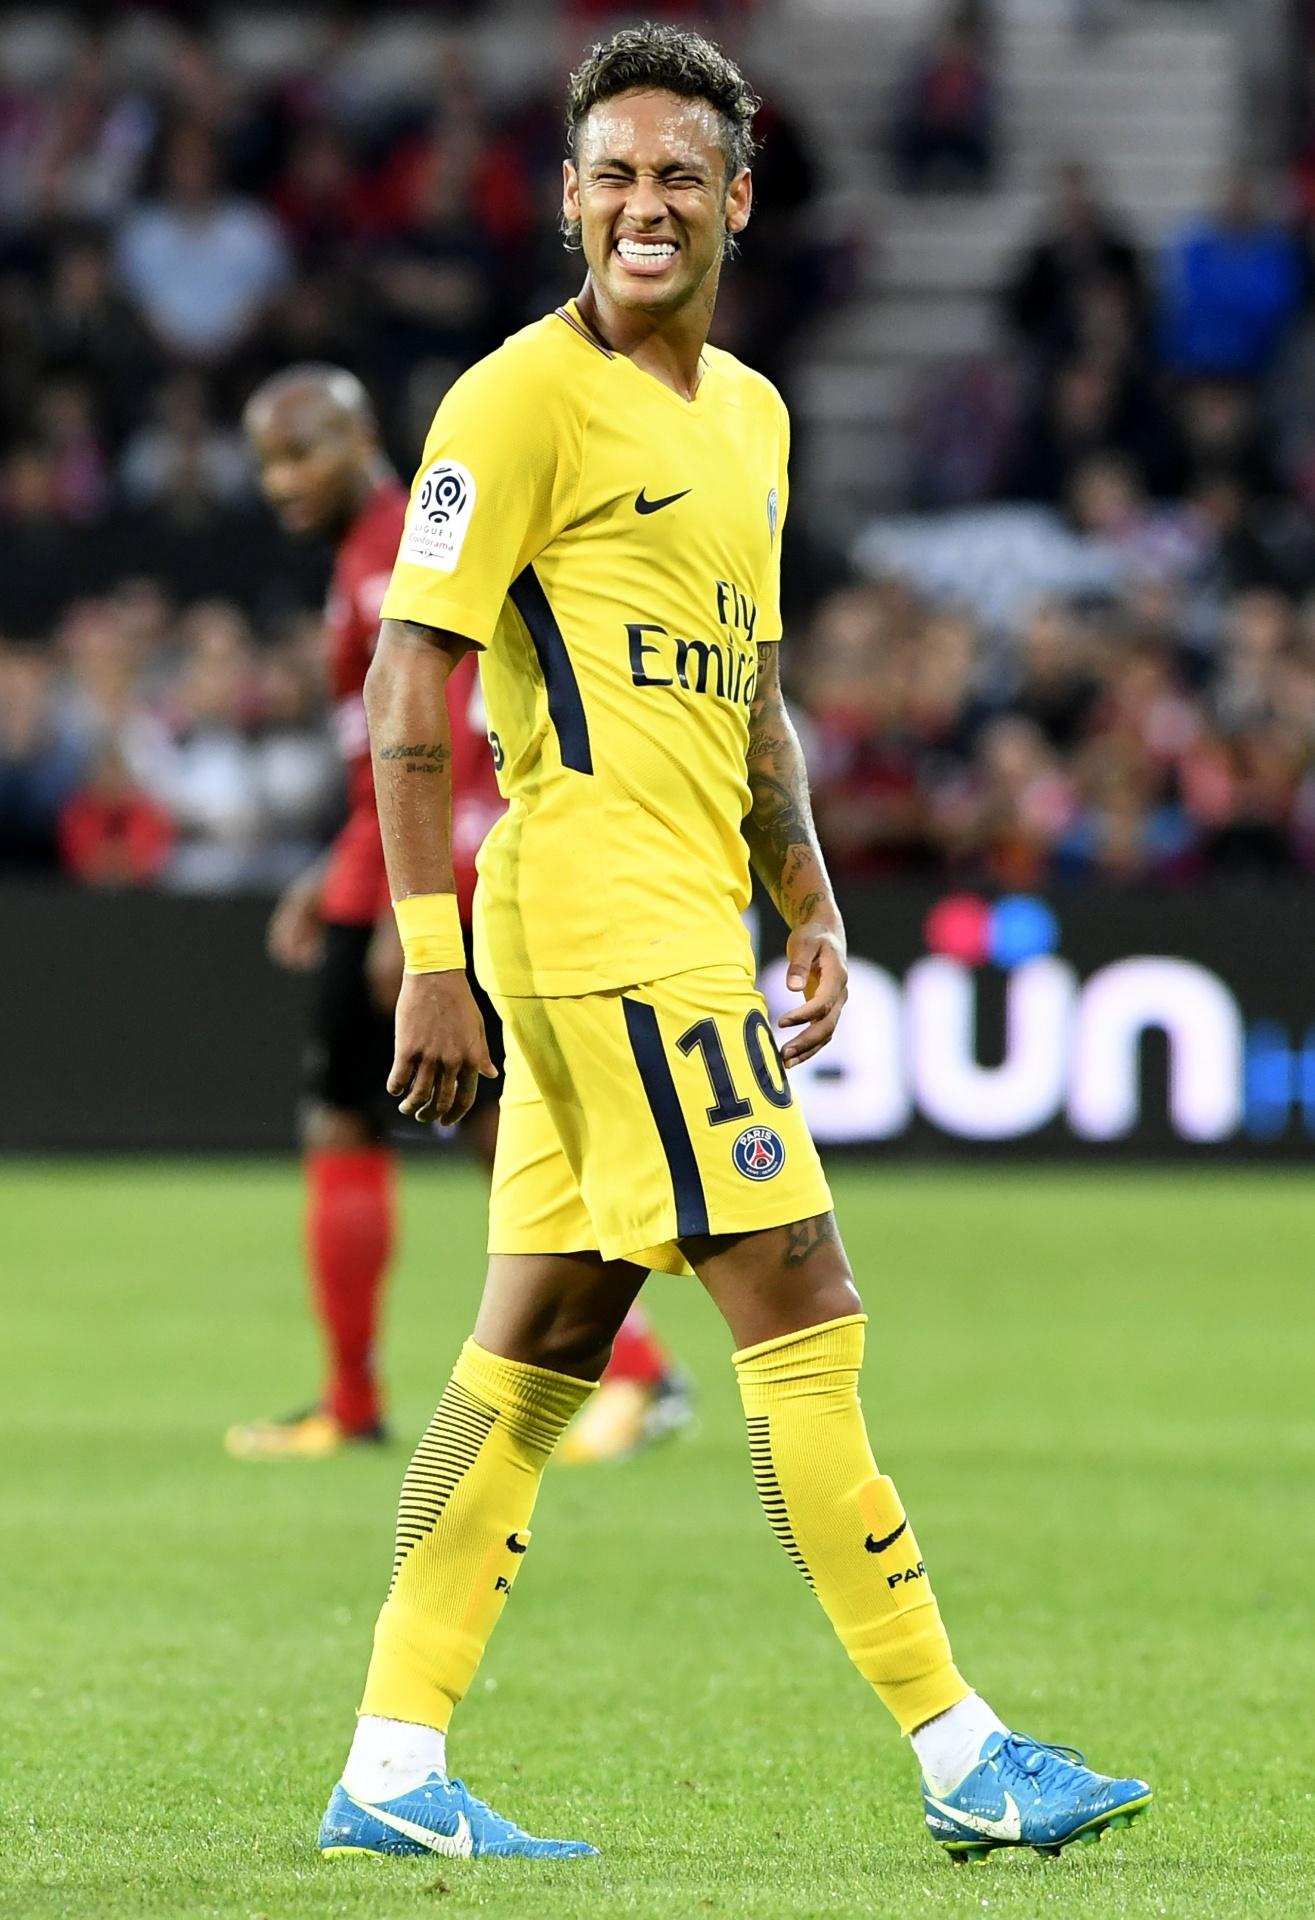 487798b6df6c9 PSG colocará em leilão uniforme usado por Neymar em estreia - 07 05 2018 -  UOL Esporte